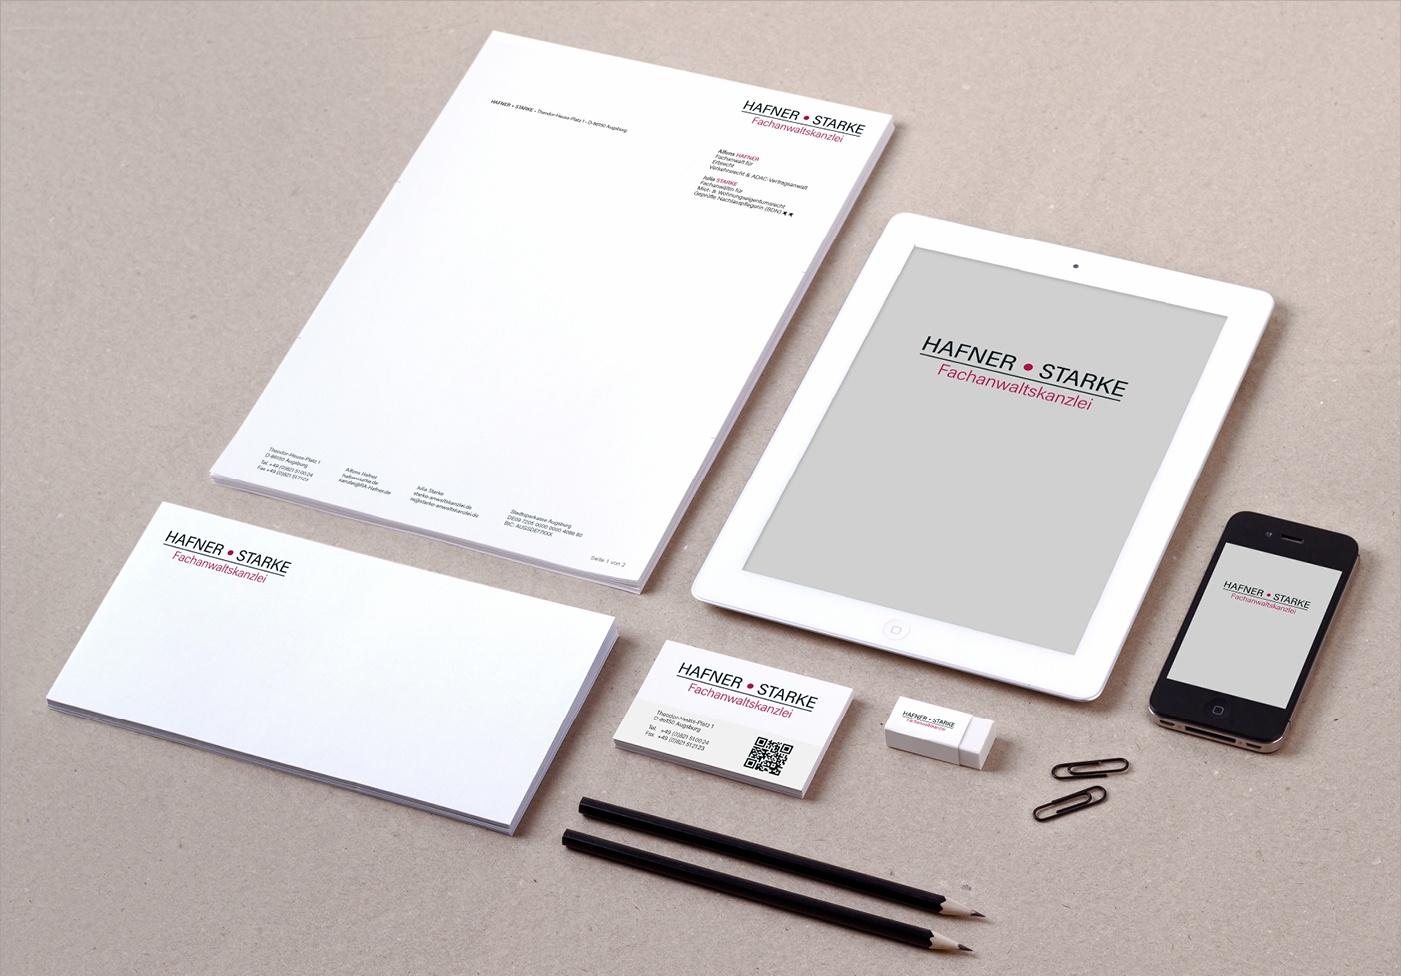 Hafner Starke | Fachanwaltskanzlei: Redesign Logo, Neu-Anpassung und Überarbeitung des Corporate Design, Briefpapier und Wordvorlagen, Visitenkarte, Firmenschild, Ideengebung Website